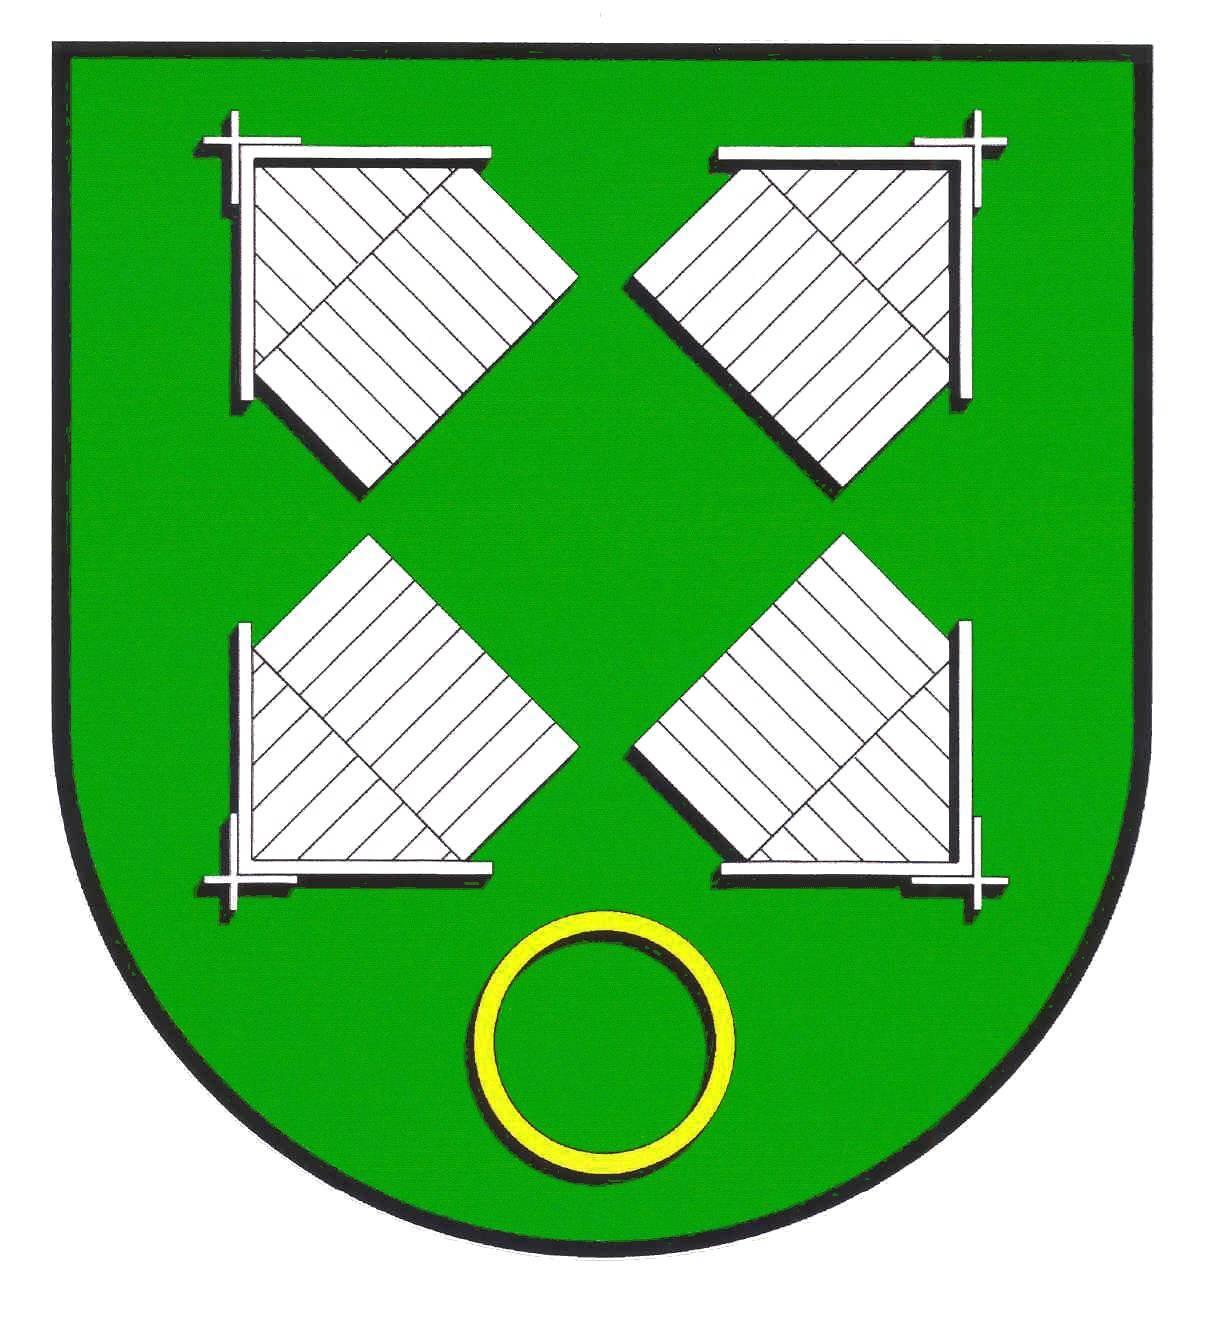 Wappen GemeindeOldenborstel, Kreis Steinburg